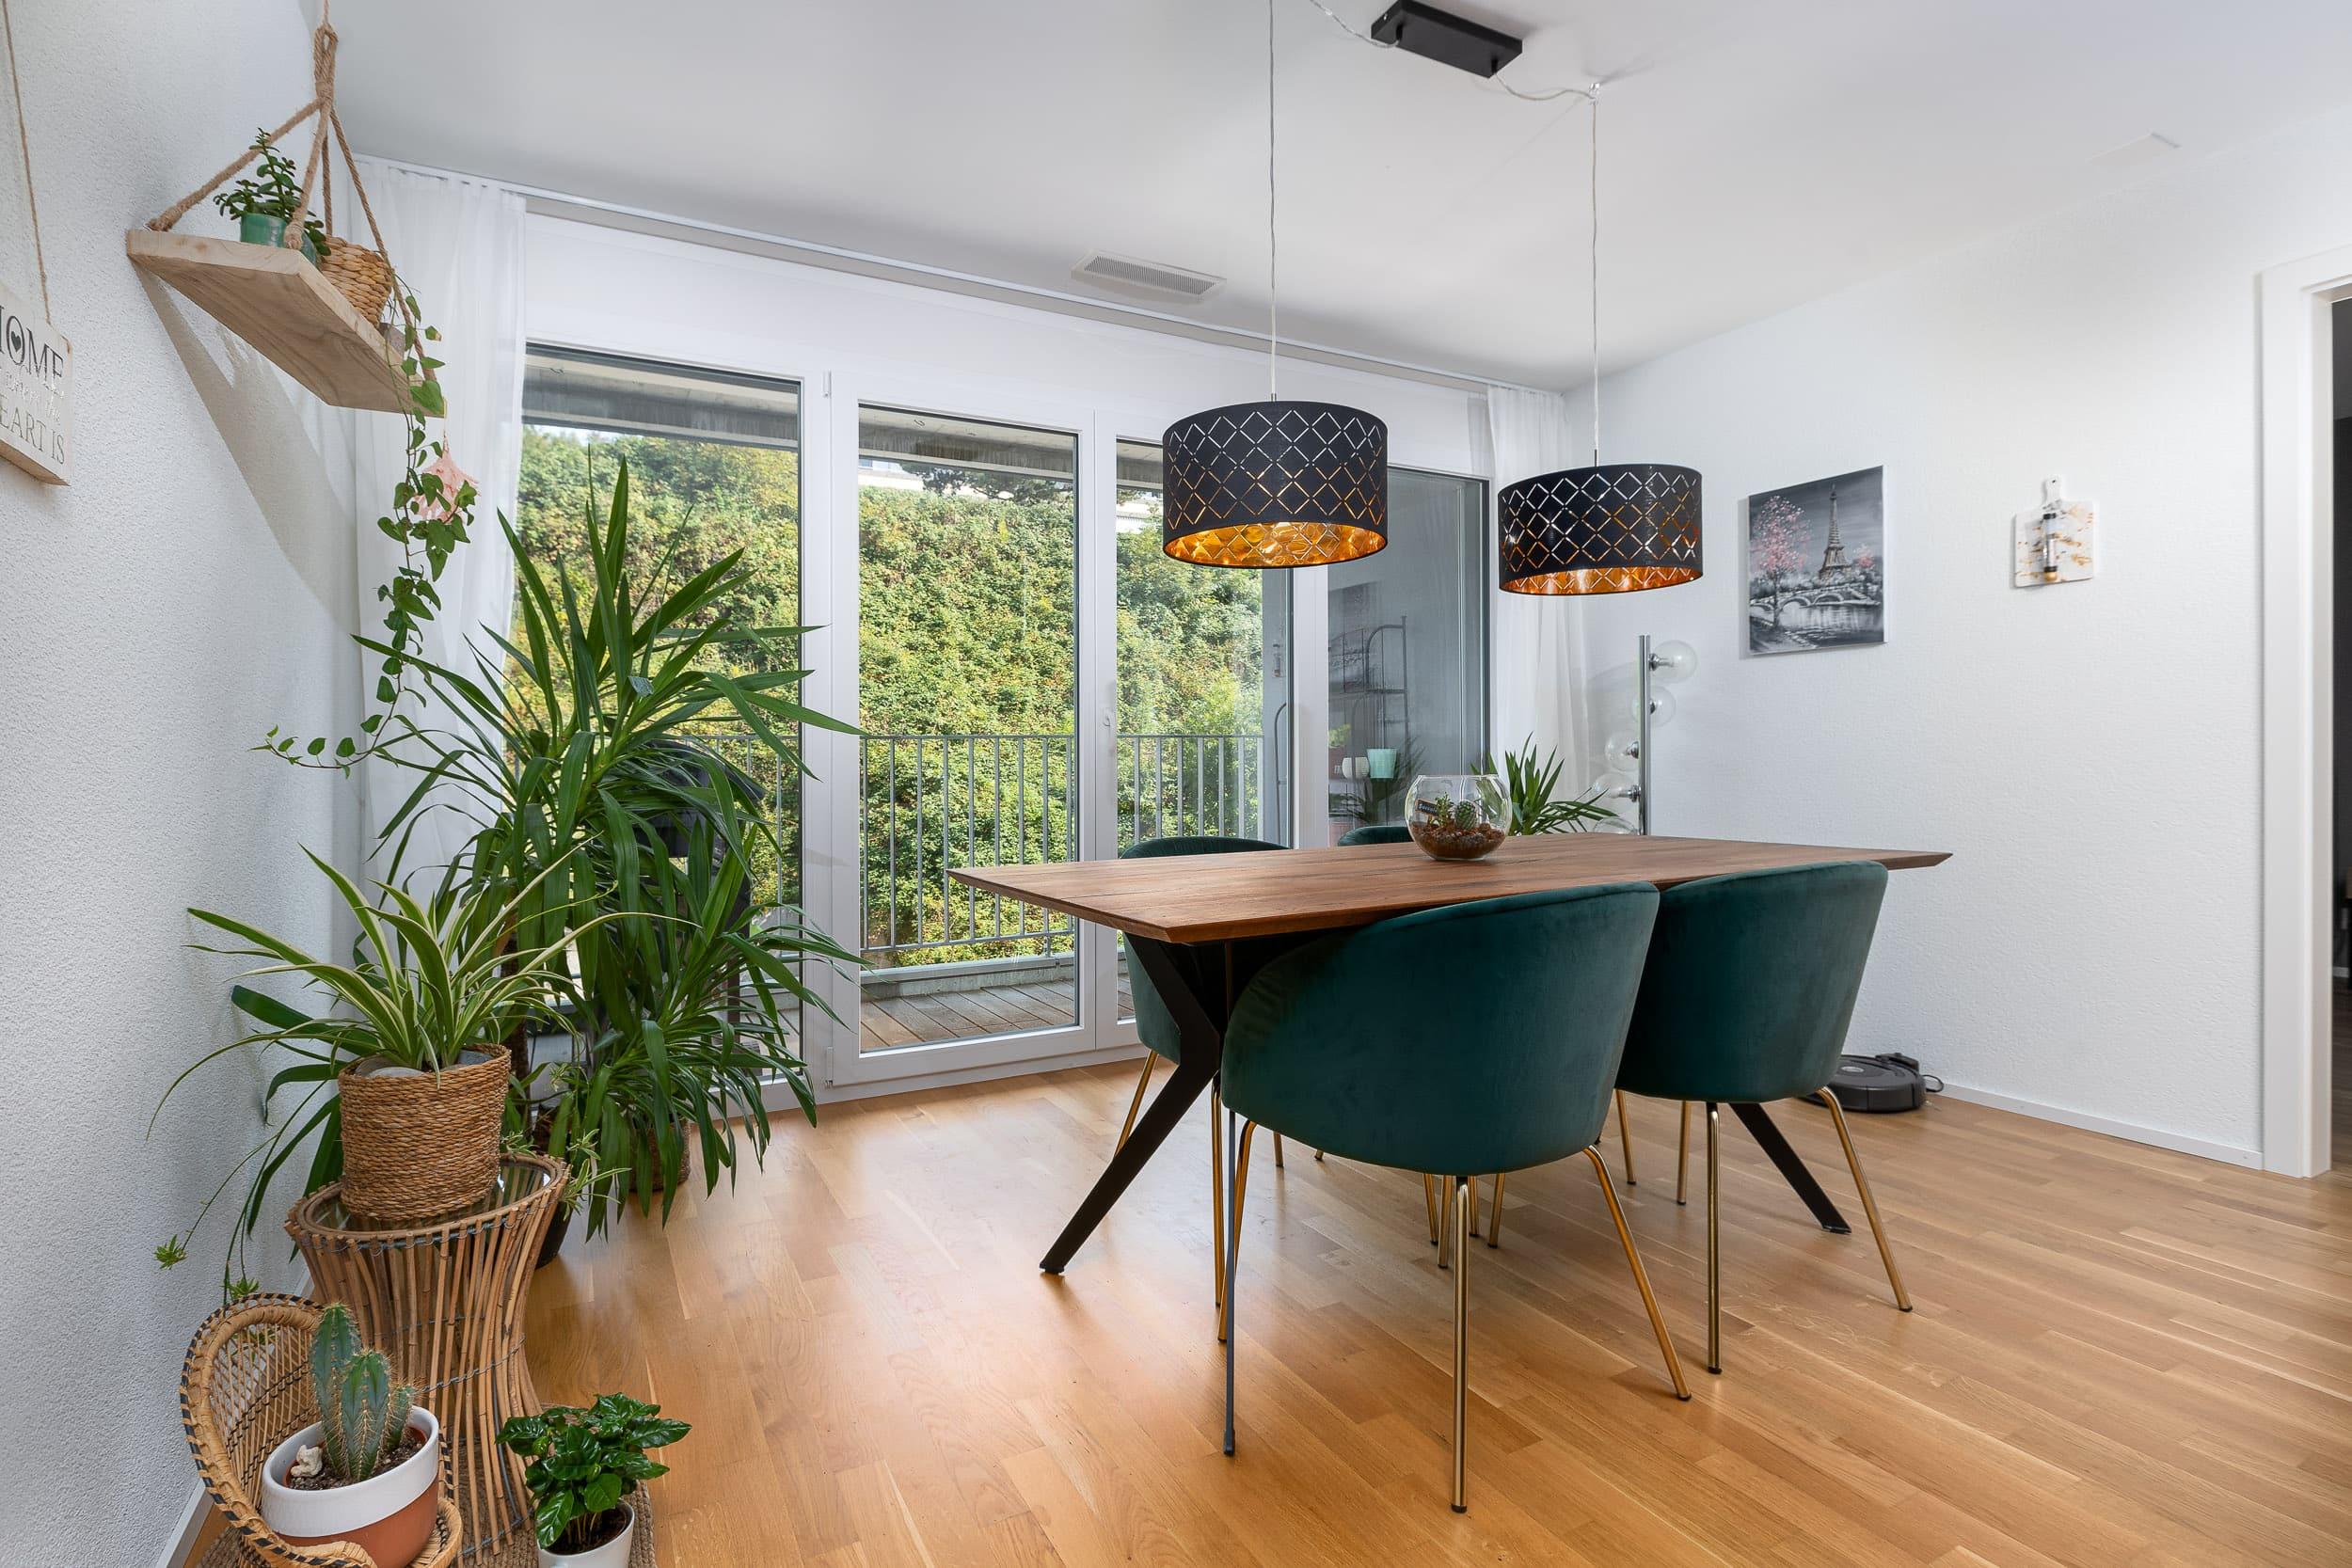 Neubauwohnung Sommerrain Ostermundigen - Essbereich & Balkon